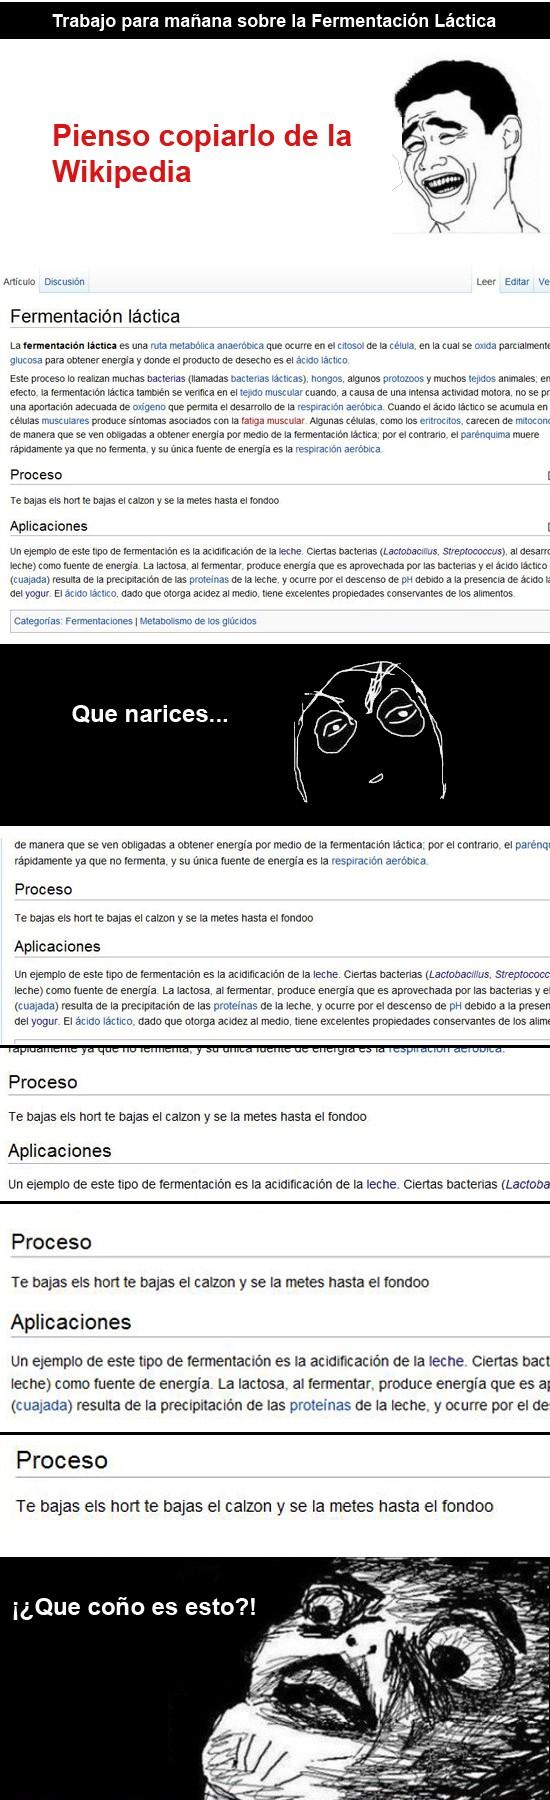 Inglip - Las ediciones de la Wikipedia